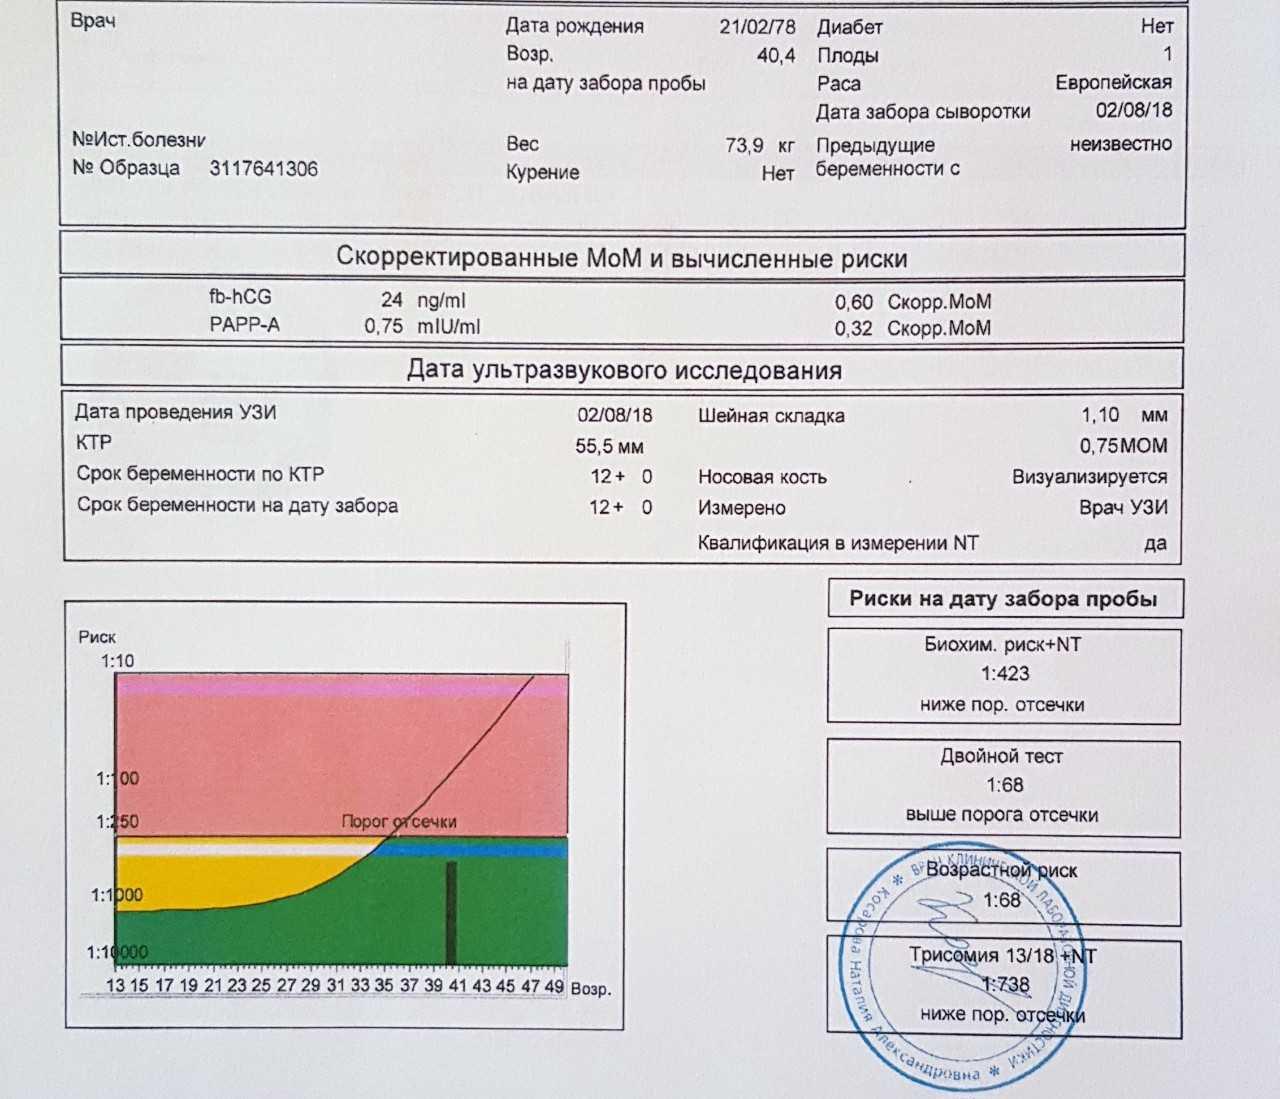 3 скрининг при беременности: сроки проведения по неделям, расшифровка показателей (таблица нормы и возможные отклонения), что показывают узи, ктг и анализ крови